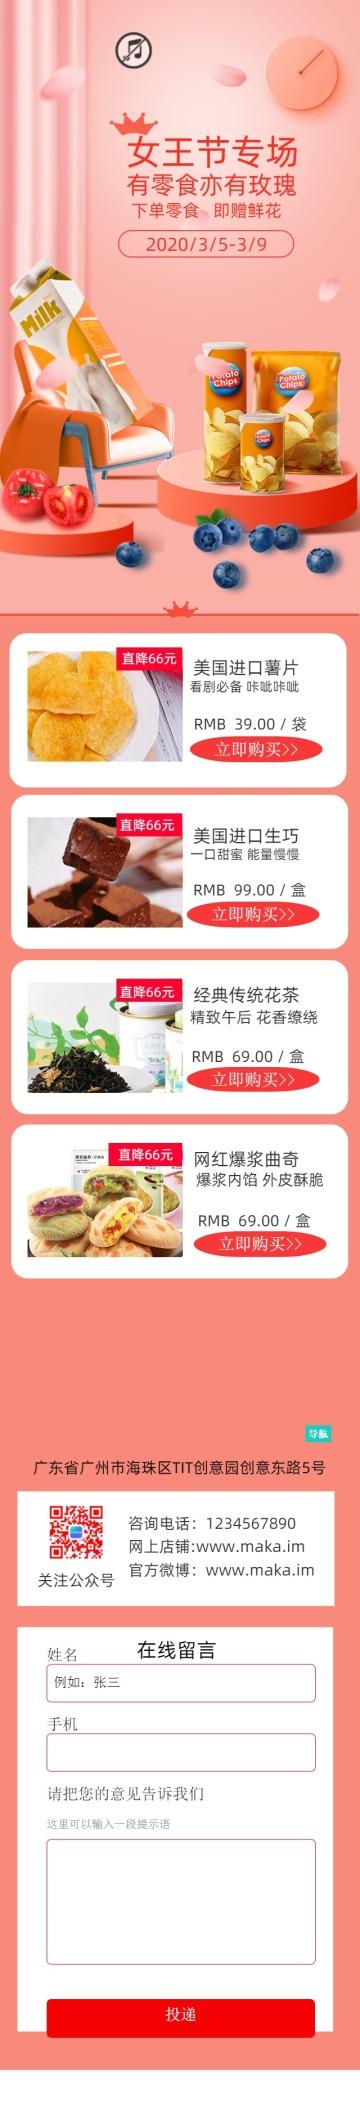 38女王节零食小吃促销宣传推广活动长页